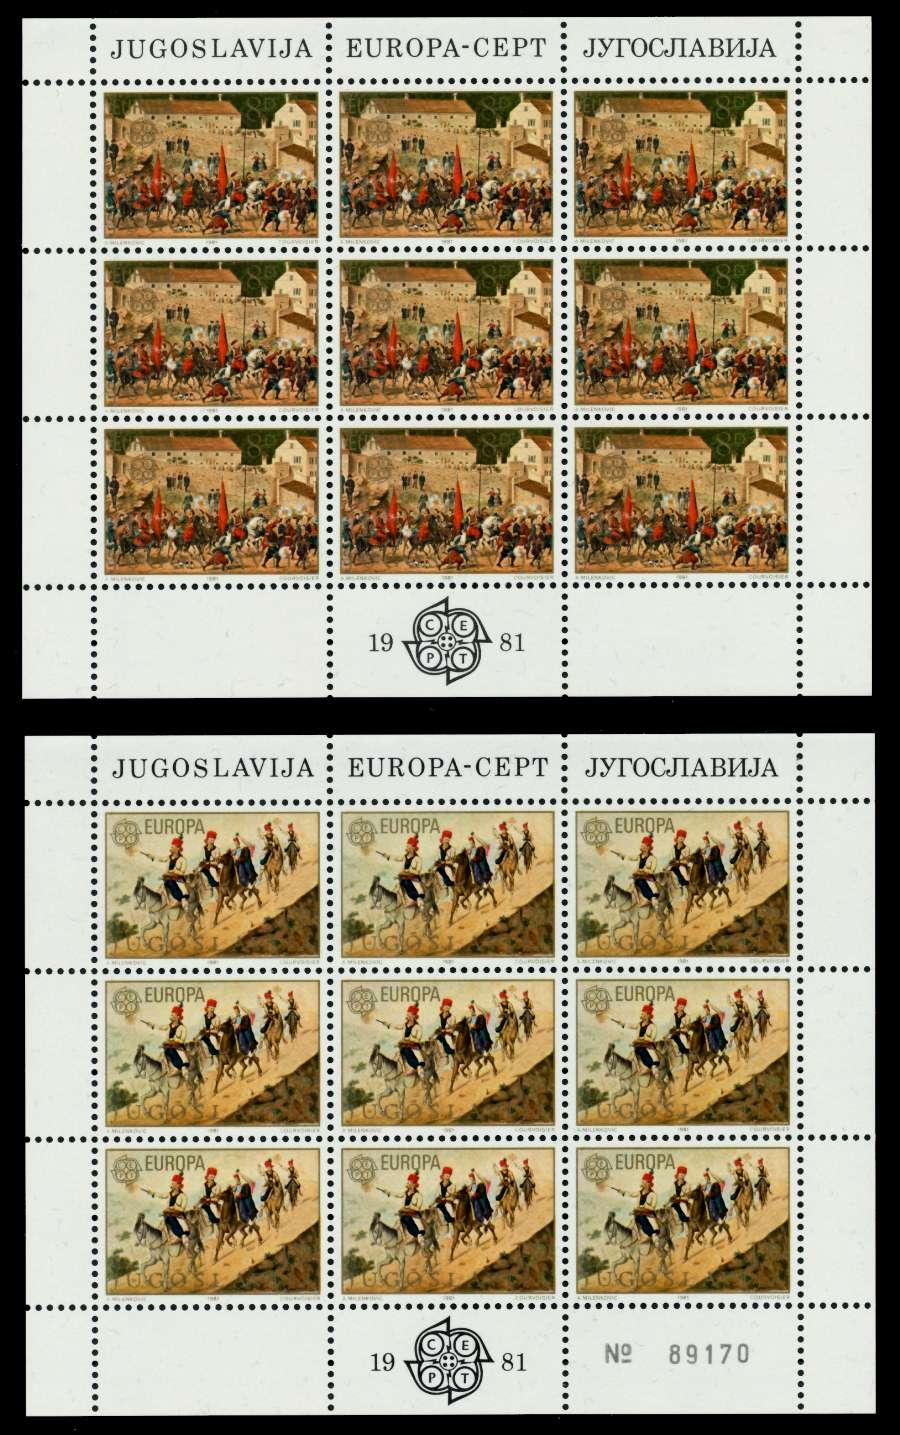 28930-yu-1883-1884KB.JPG?PIC